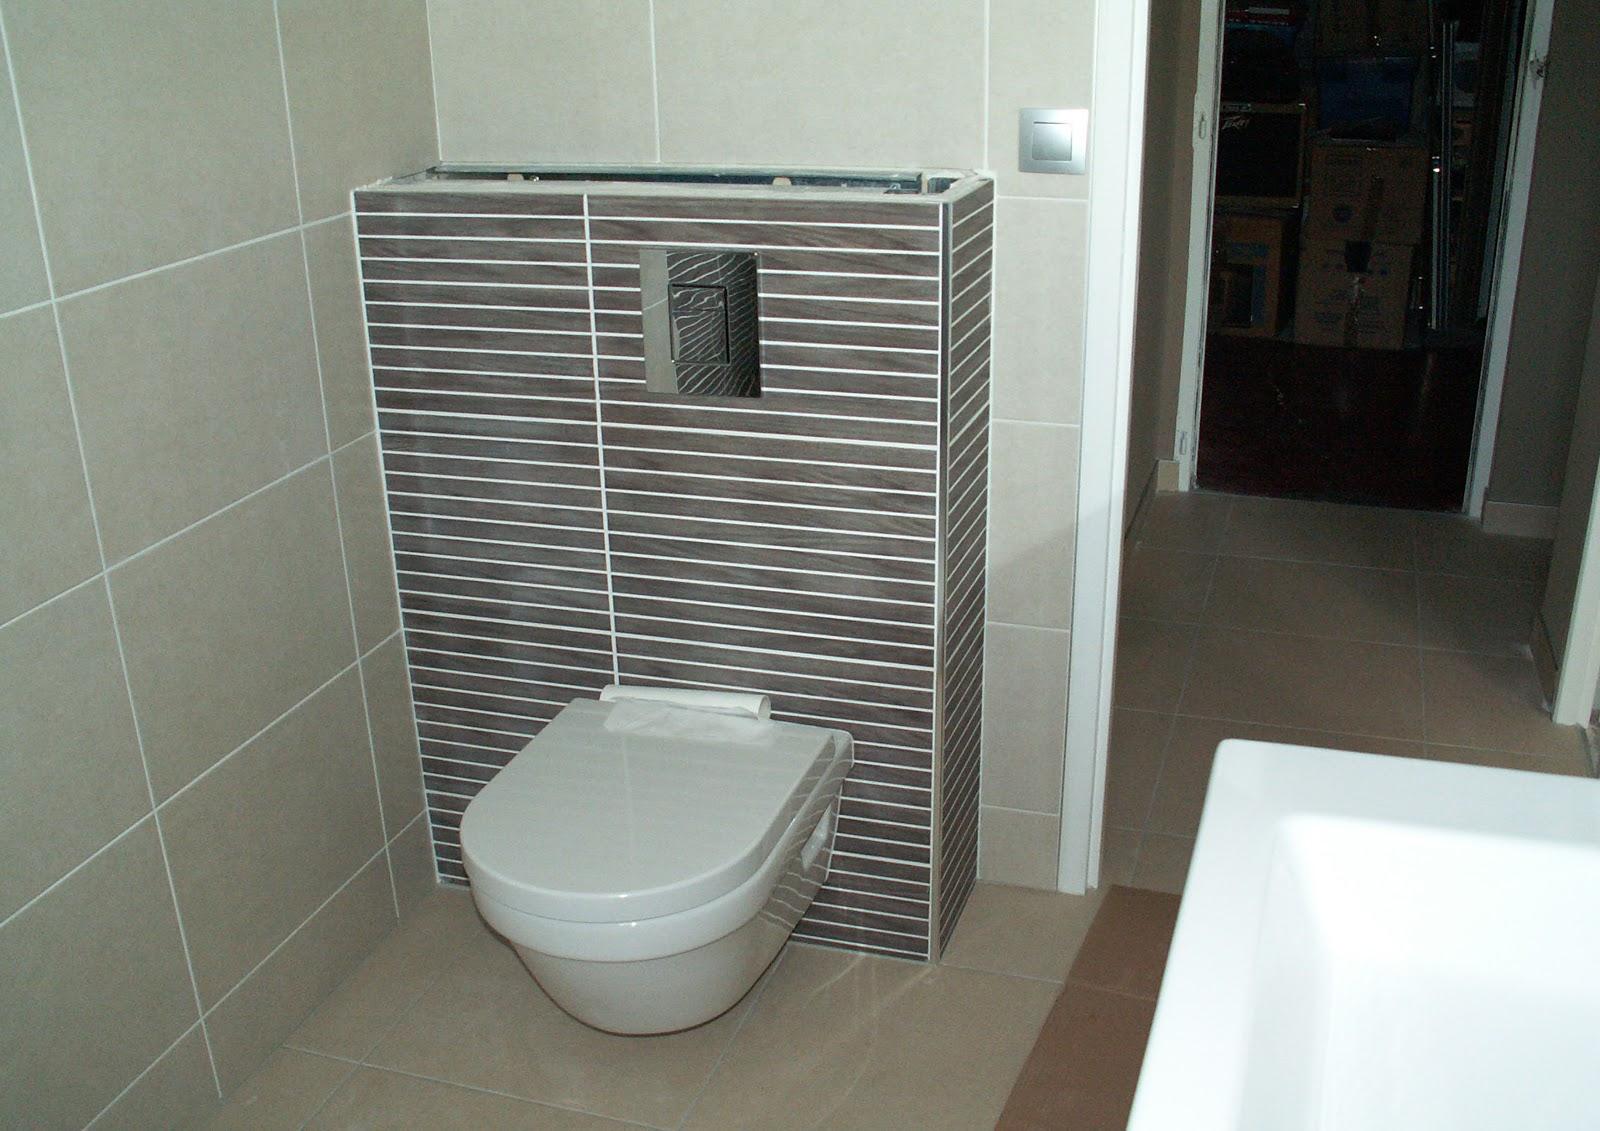 Carrelage salle de bain aubade choisir le carrelage mural for Aubade carrelage salle de bain